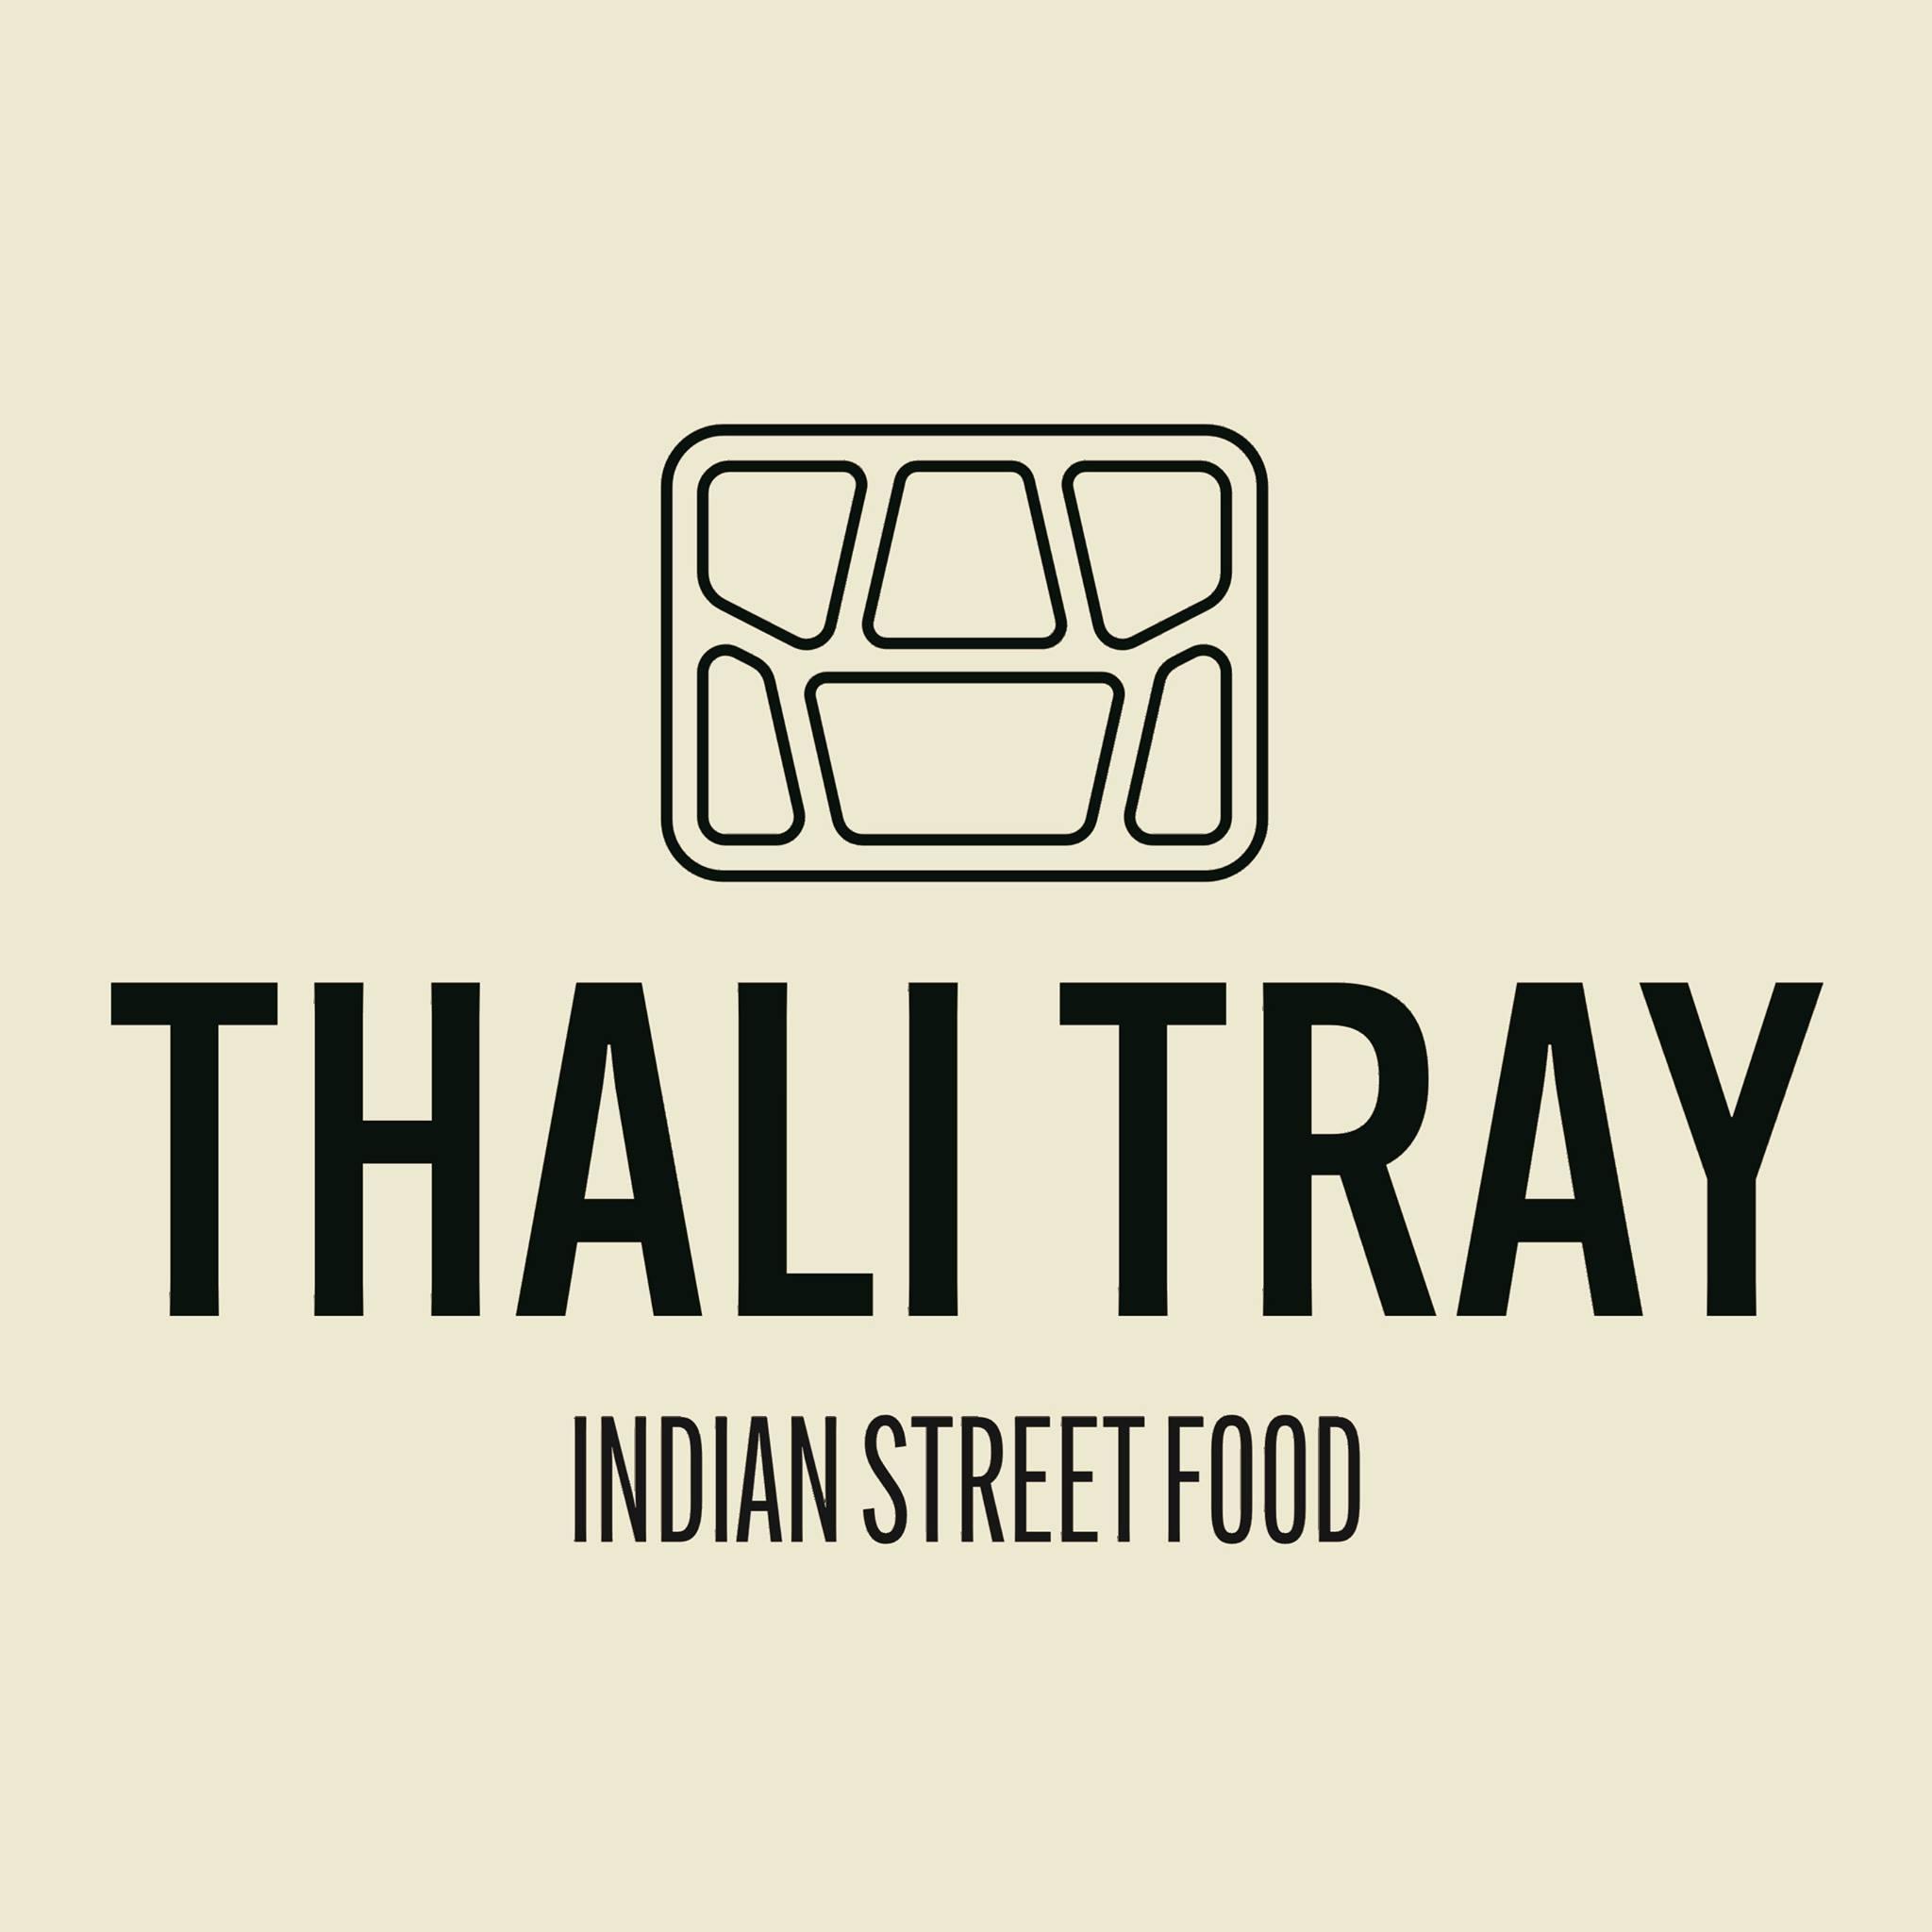 Thali Tray